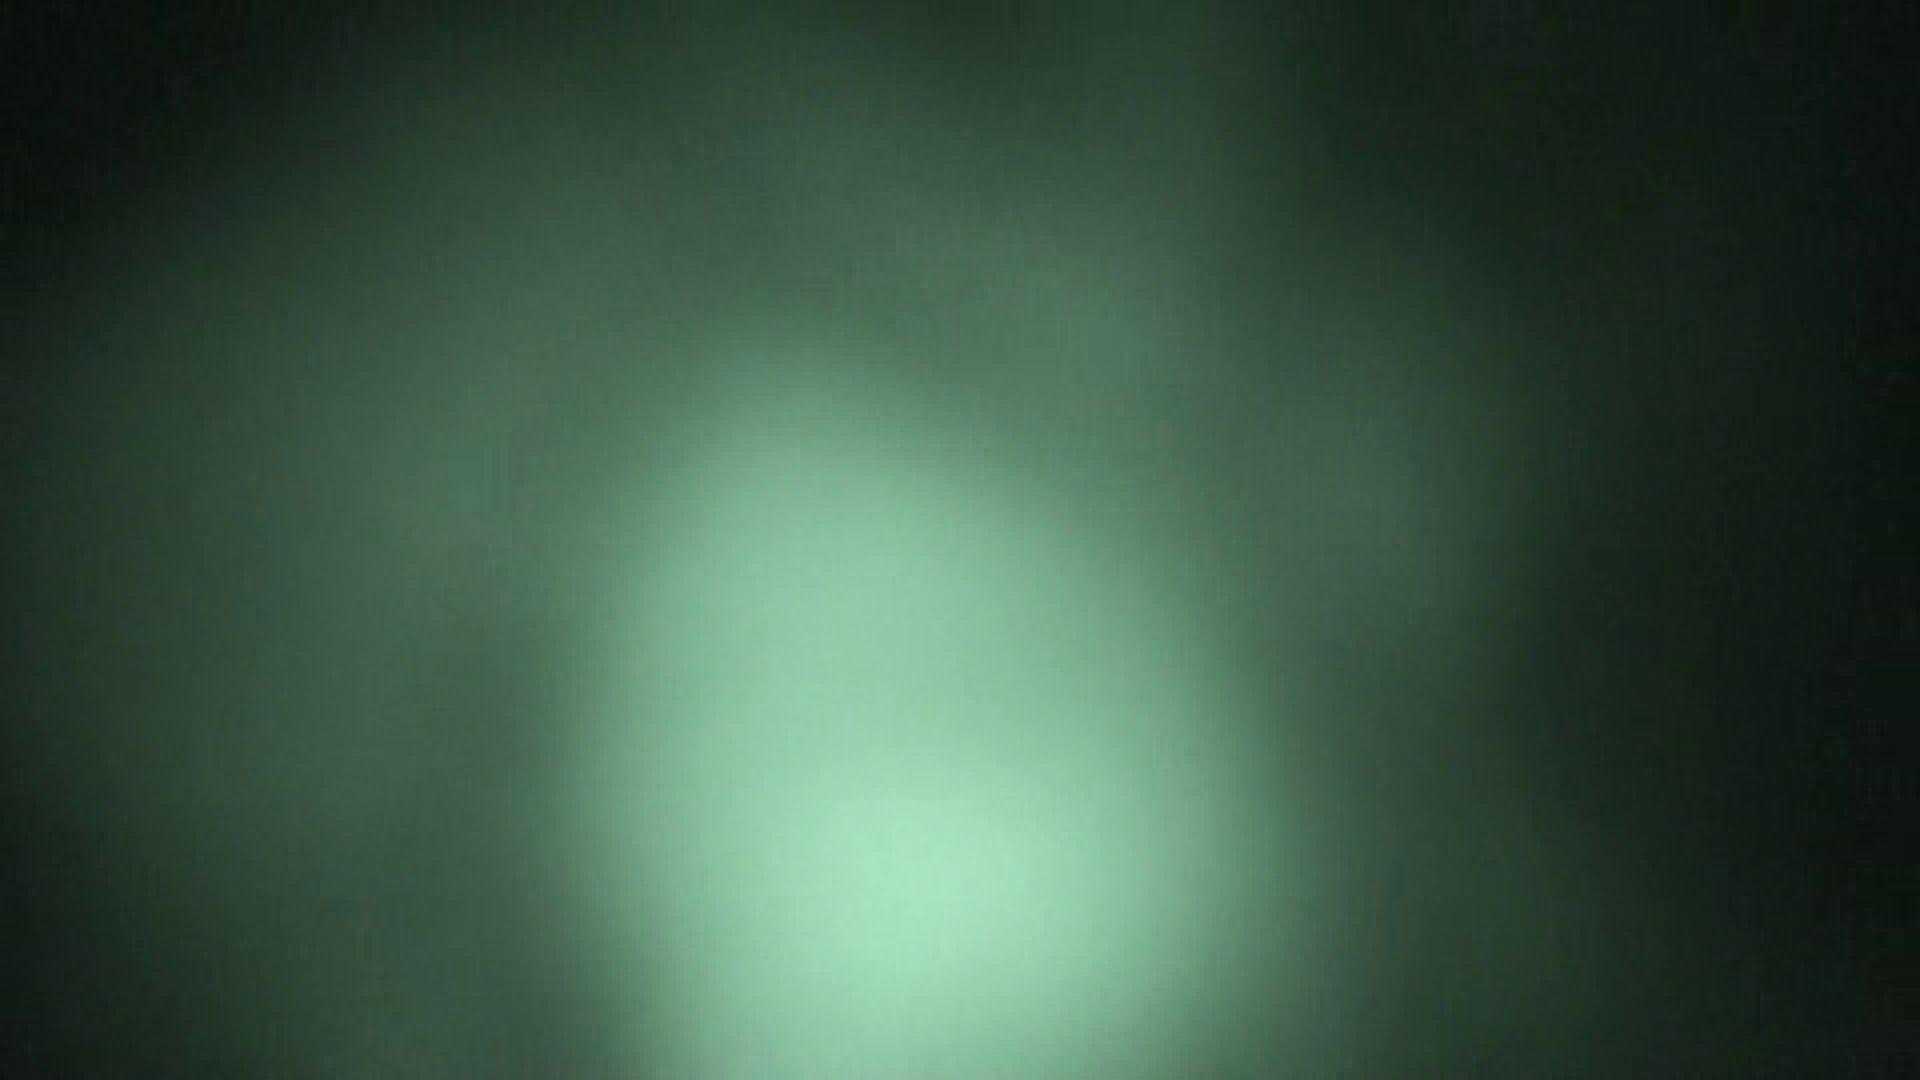 独占配信! ●罪証拠DVD 起きません! vol.10 悪戯 隠し撮りオマンコ動画紹介 103画像 34